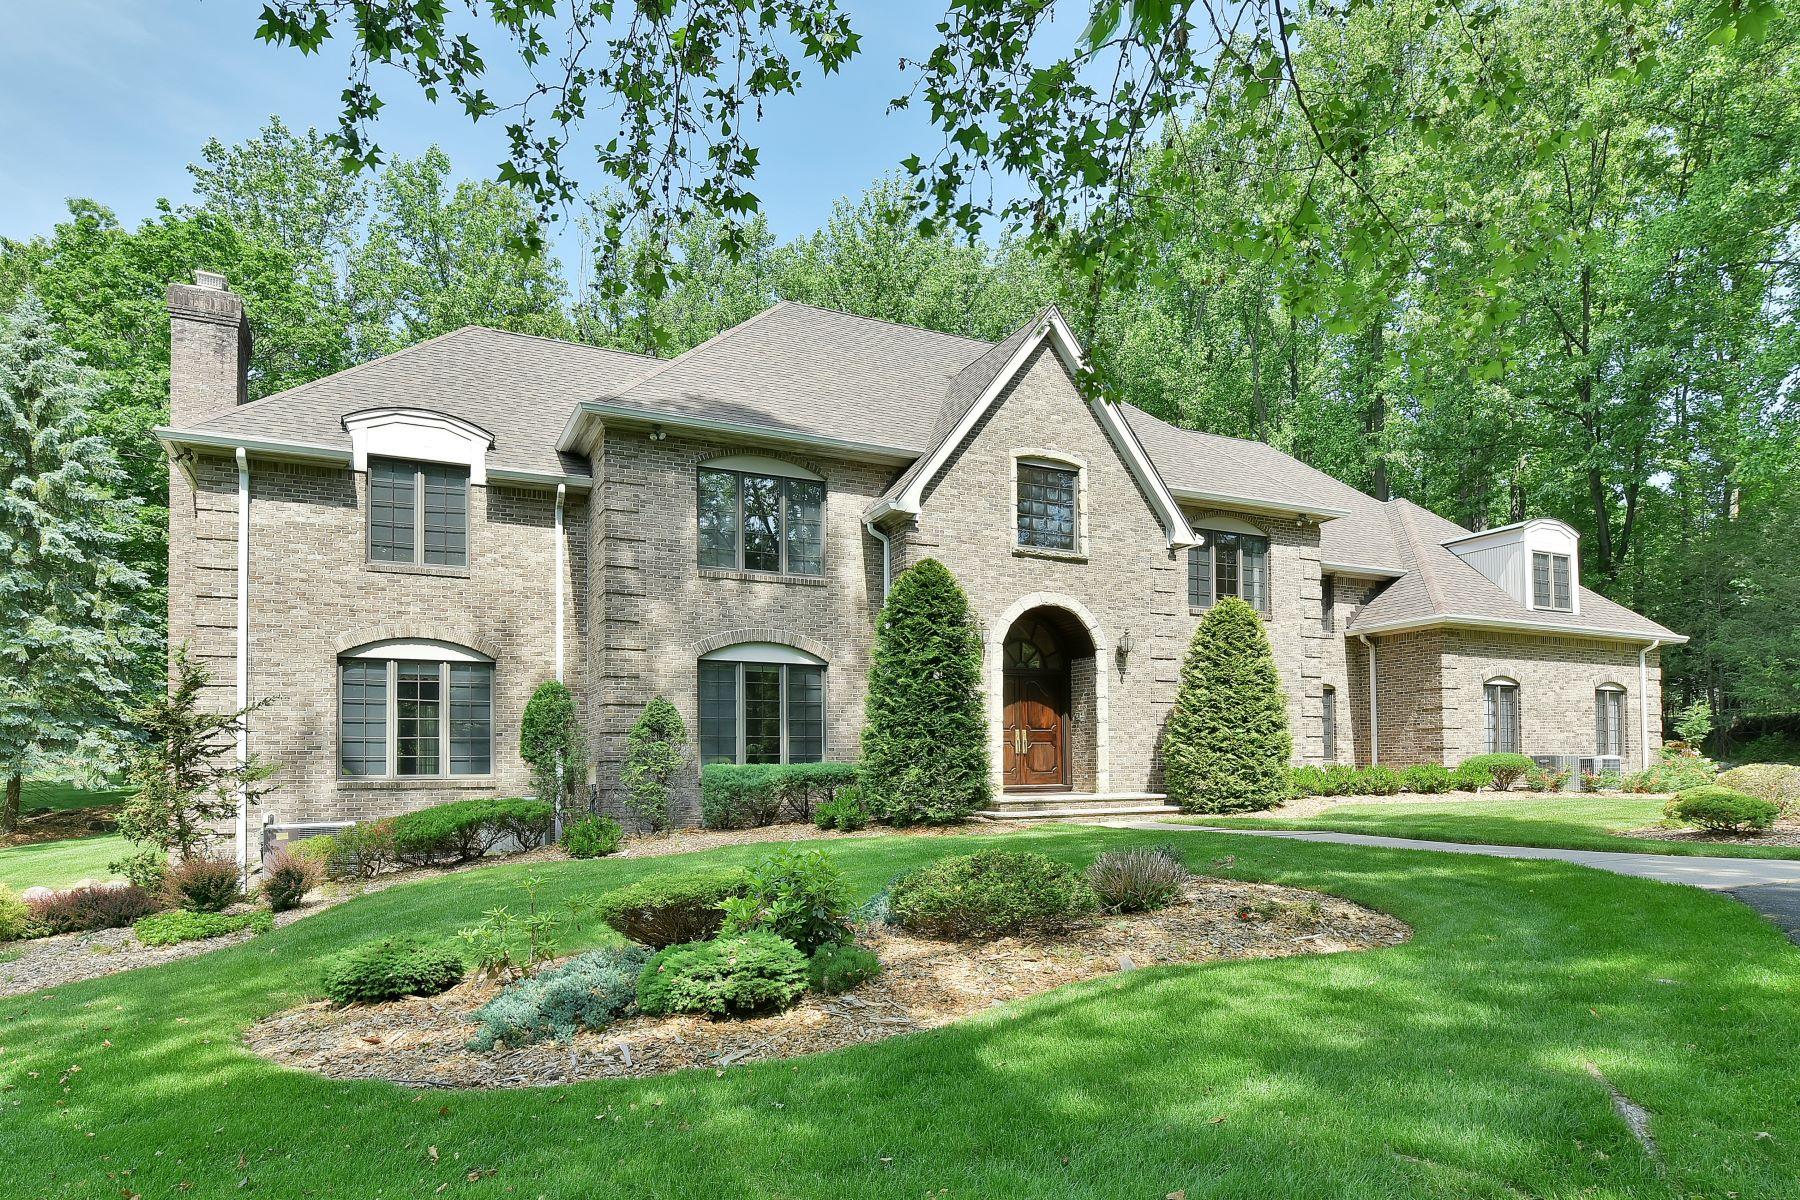 Casa Unifamiliar por un Venta en Stately French Provincial 21 Chestnut Ridge Road Saddle River, Nueva Jersey, 07458 Estados Unidos